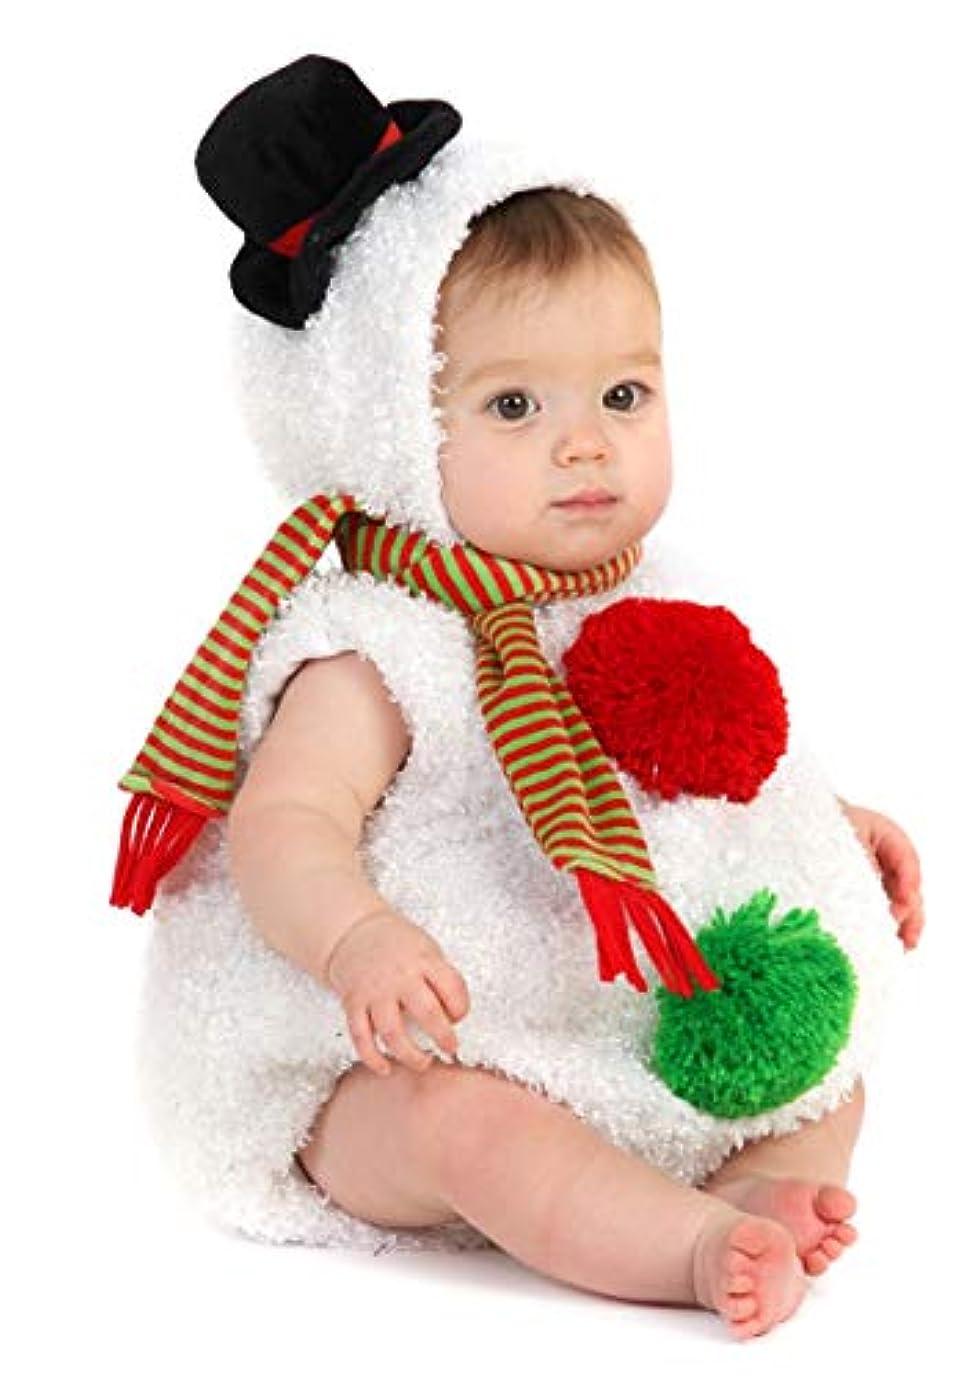 若い取るに足らない教授Baby Snowman Infant/Toddler Costume 赤ちゃん雪だるま乳児/幼児コスチューム サイズ:12/18 Months